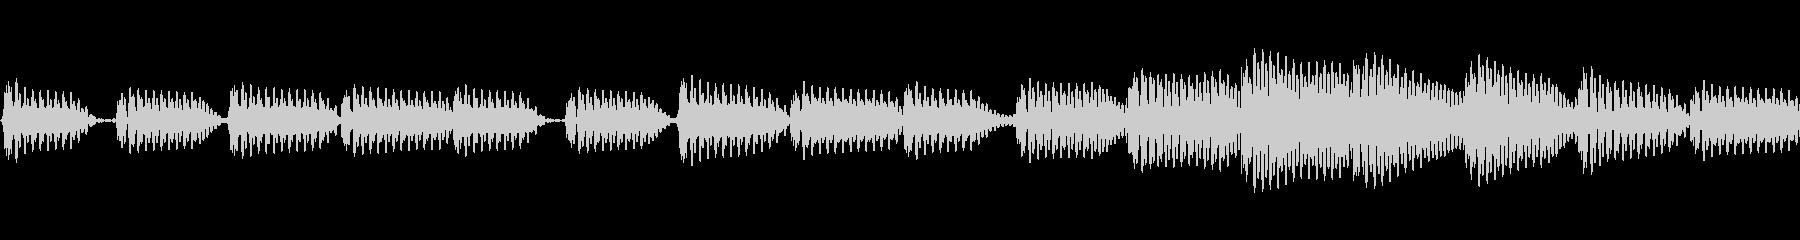 イライラ/緊張感/緊迫スリル/ループ仕様の未再生の波形